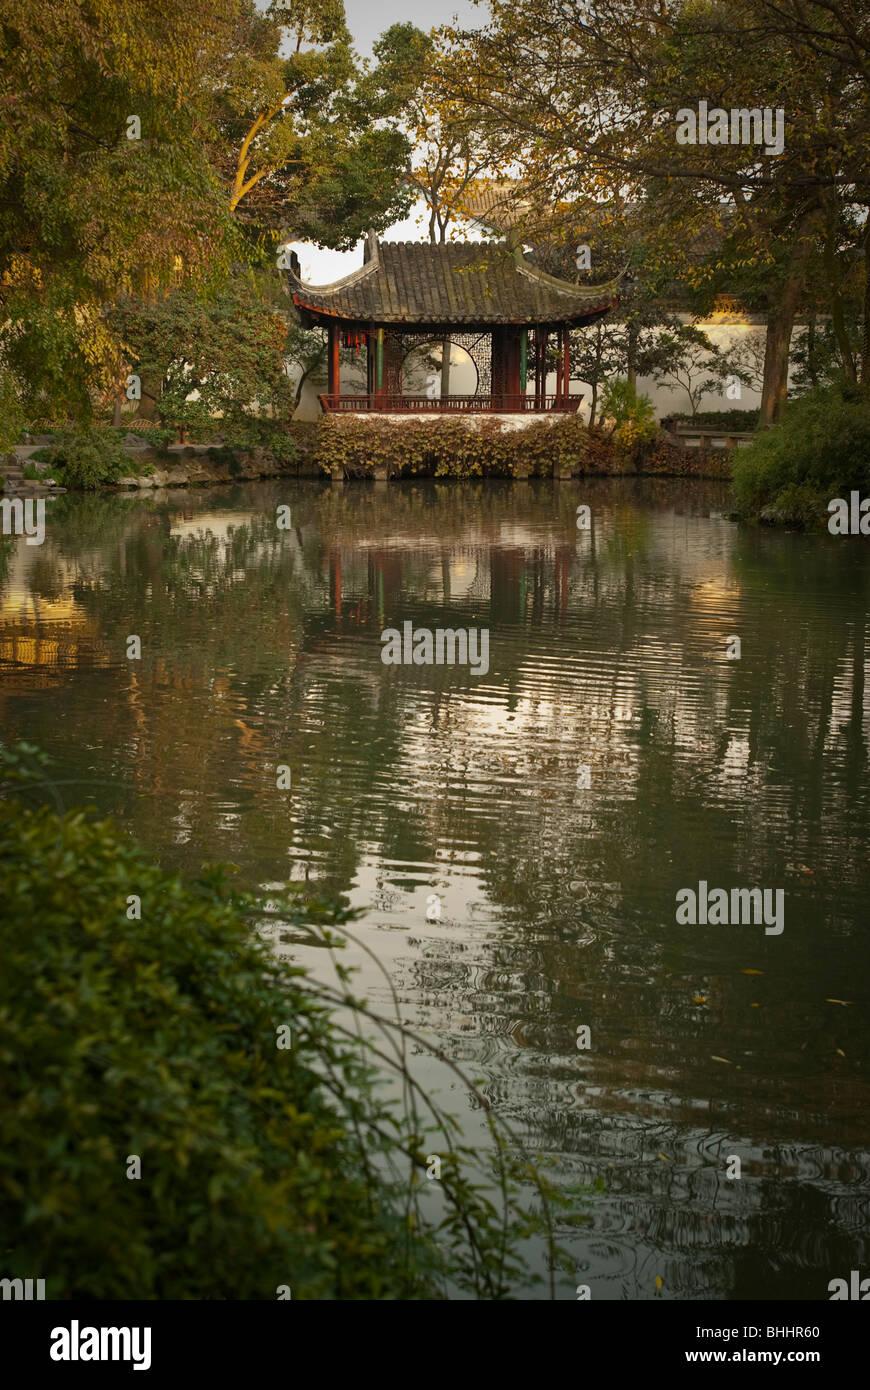 L'Humble Administrator's Garden, Suzhou, Jiangsu Province, China, Asia Photo Stock